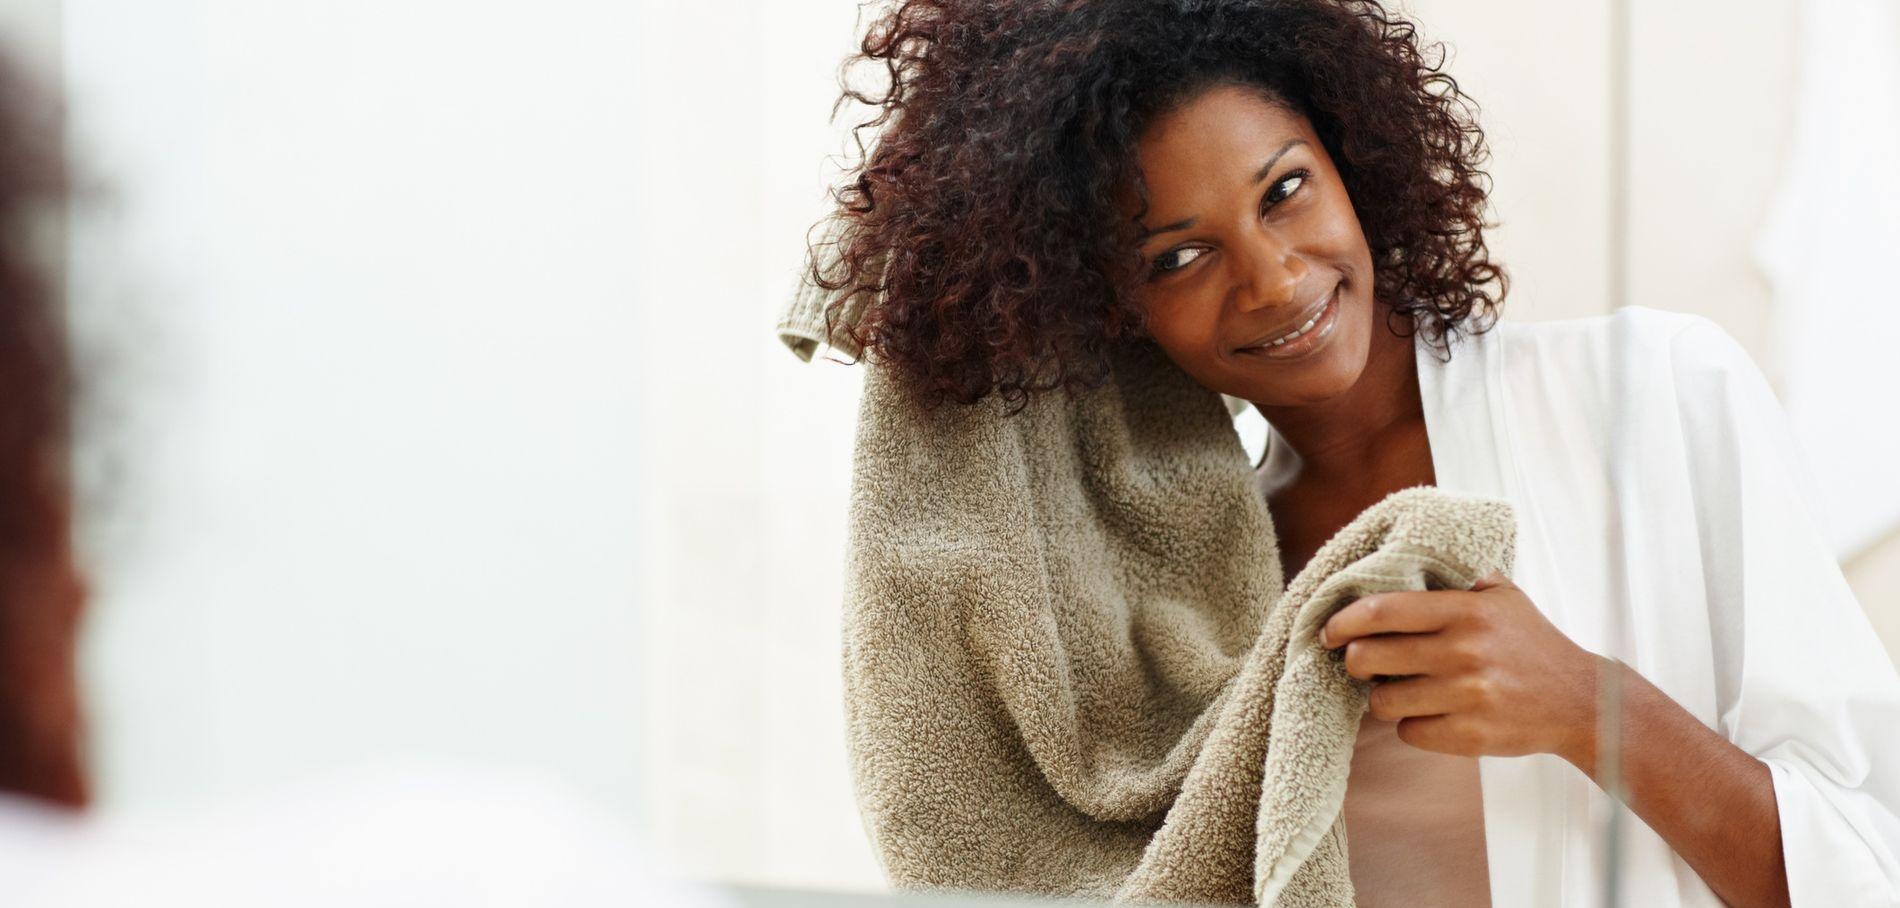 Comment-prendre-soin-de-ses-cheveux-crepus-des-la-douche_exact1900x908_l